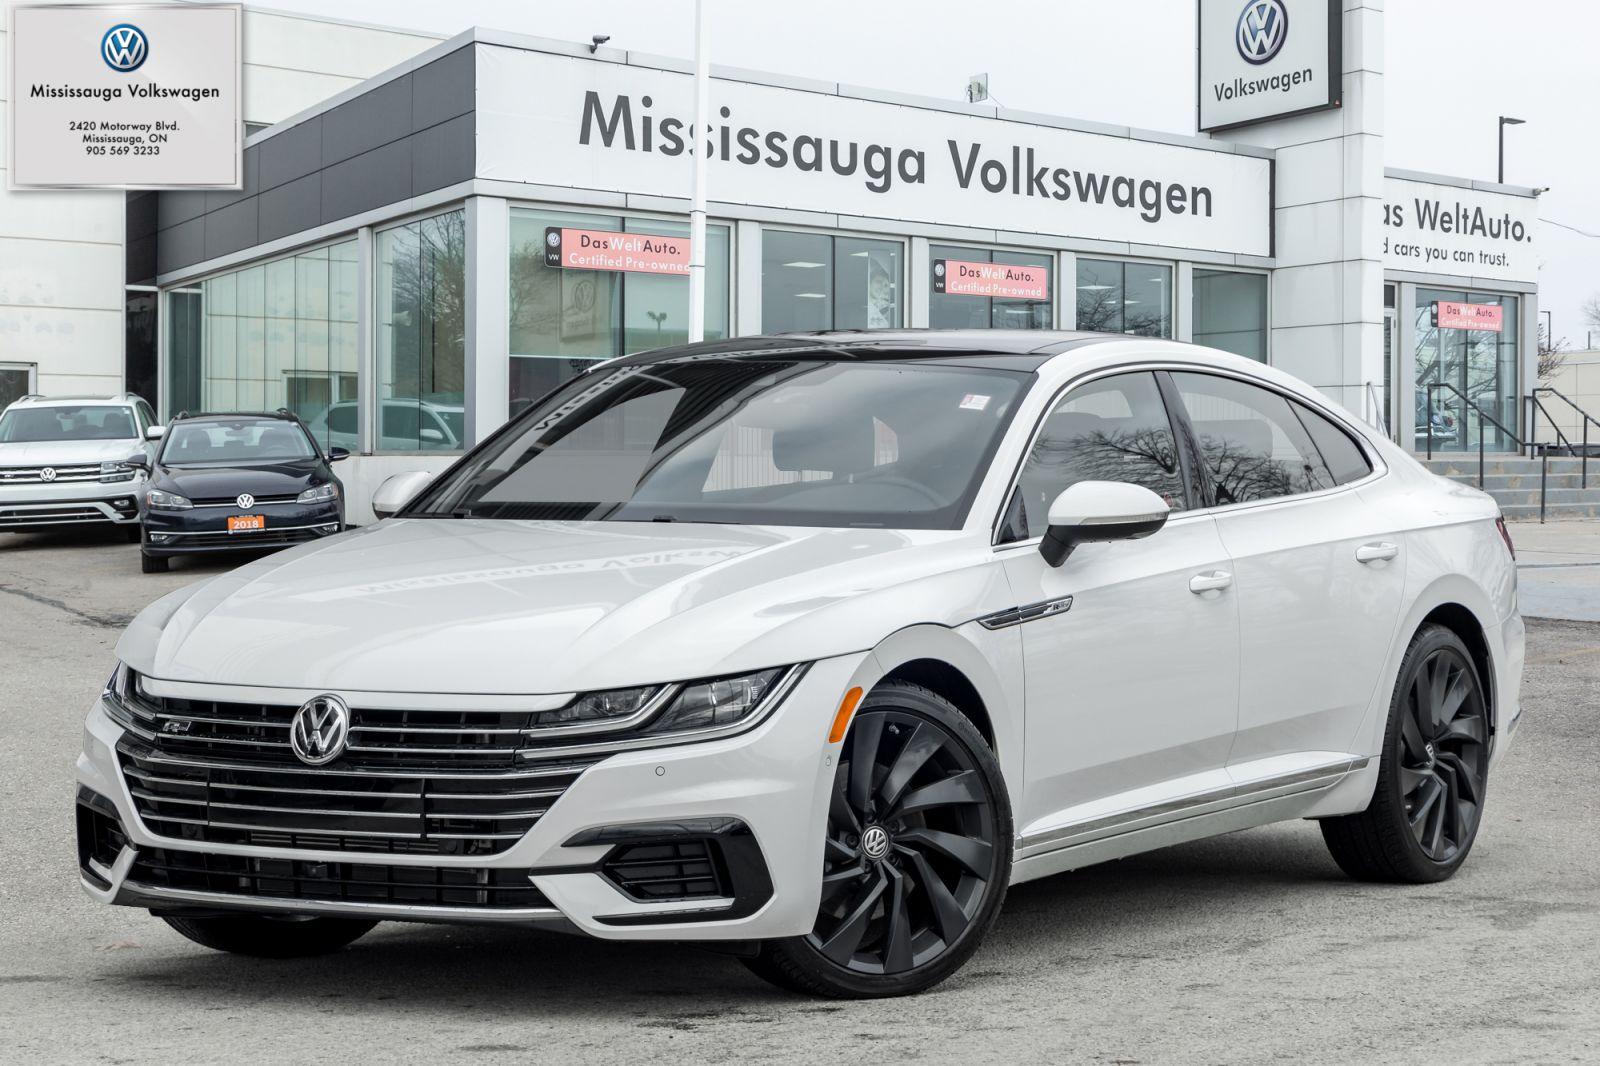 2019 Volkswagen Arteon Image